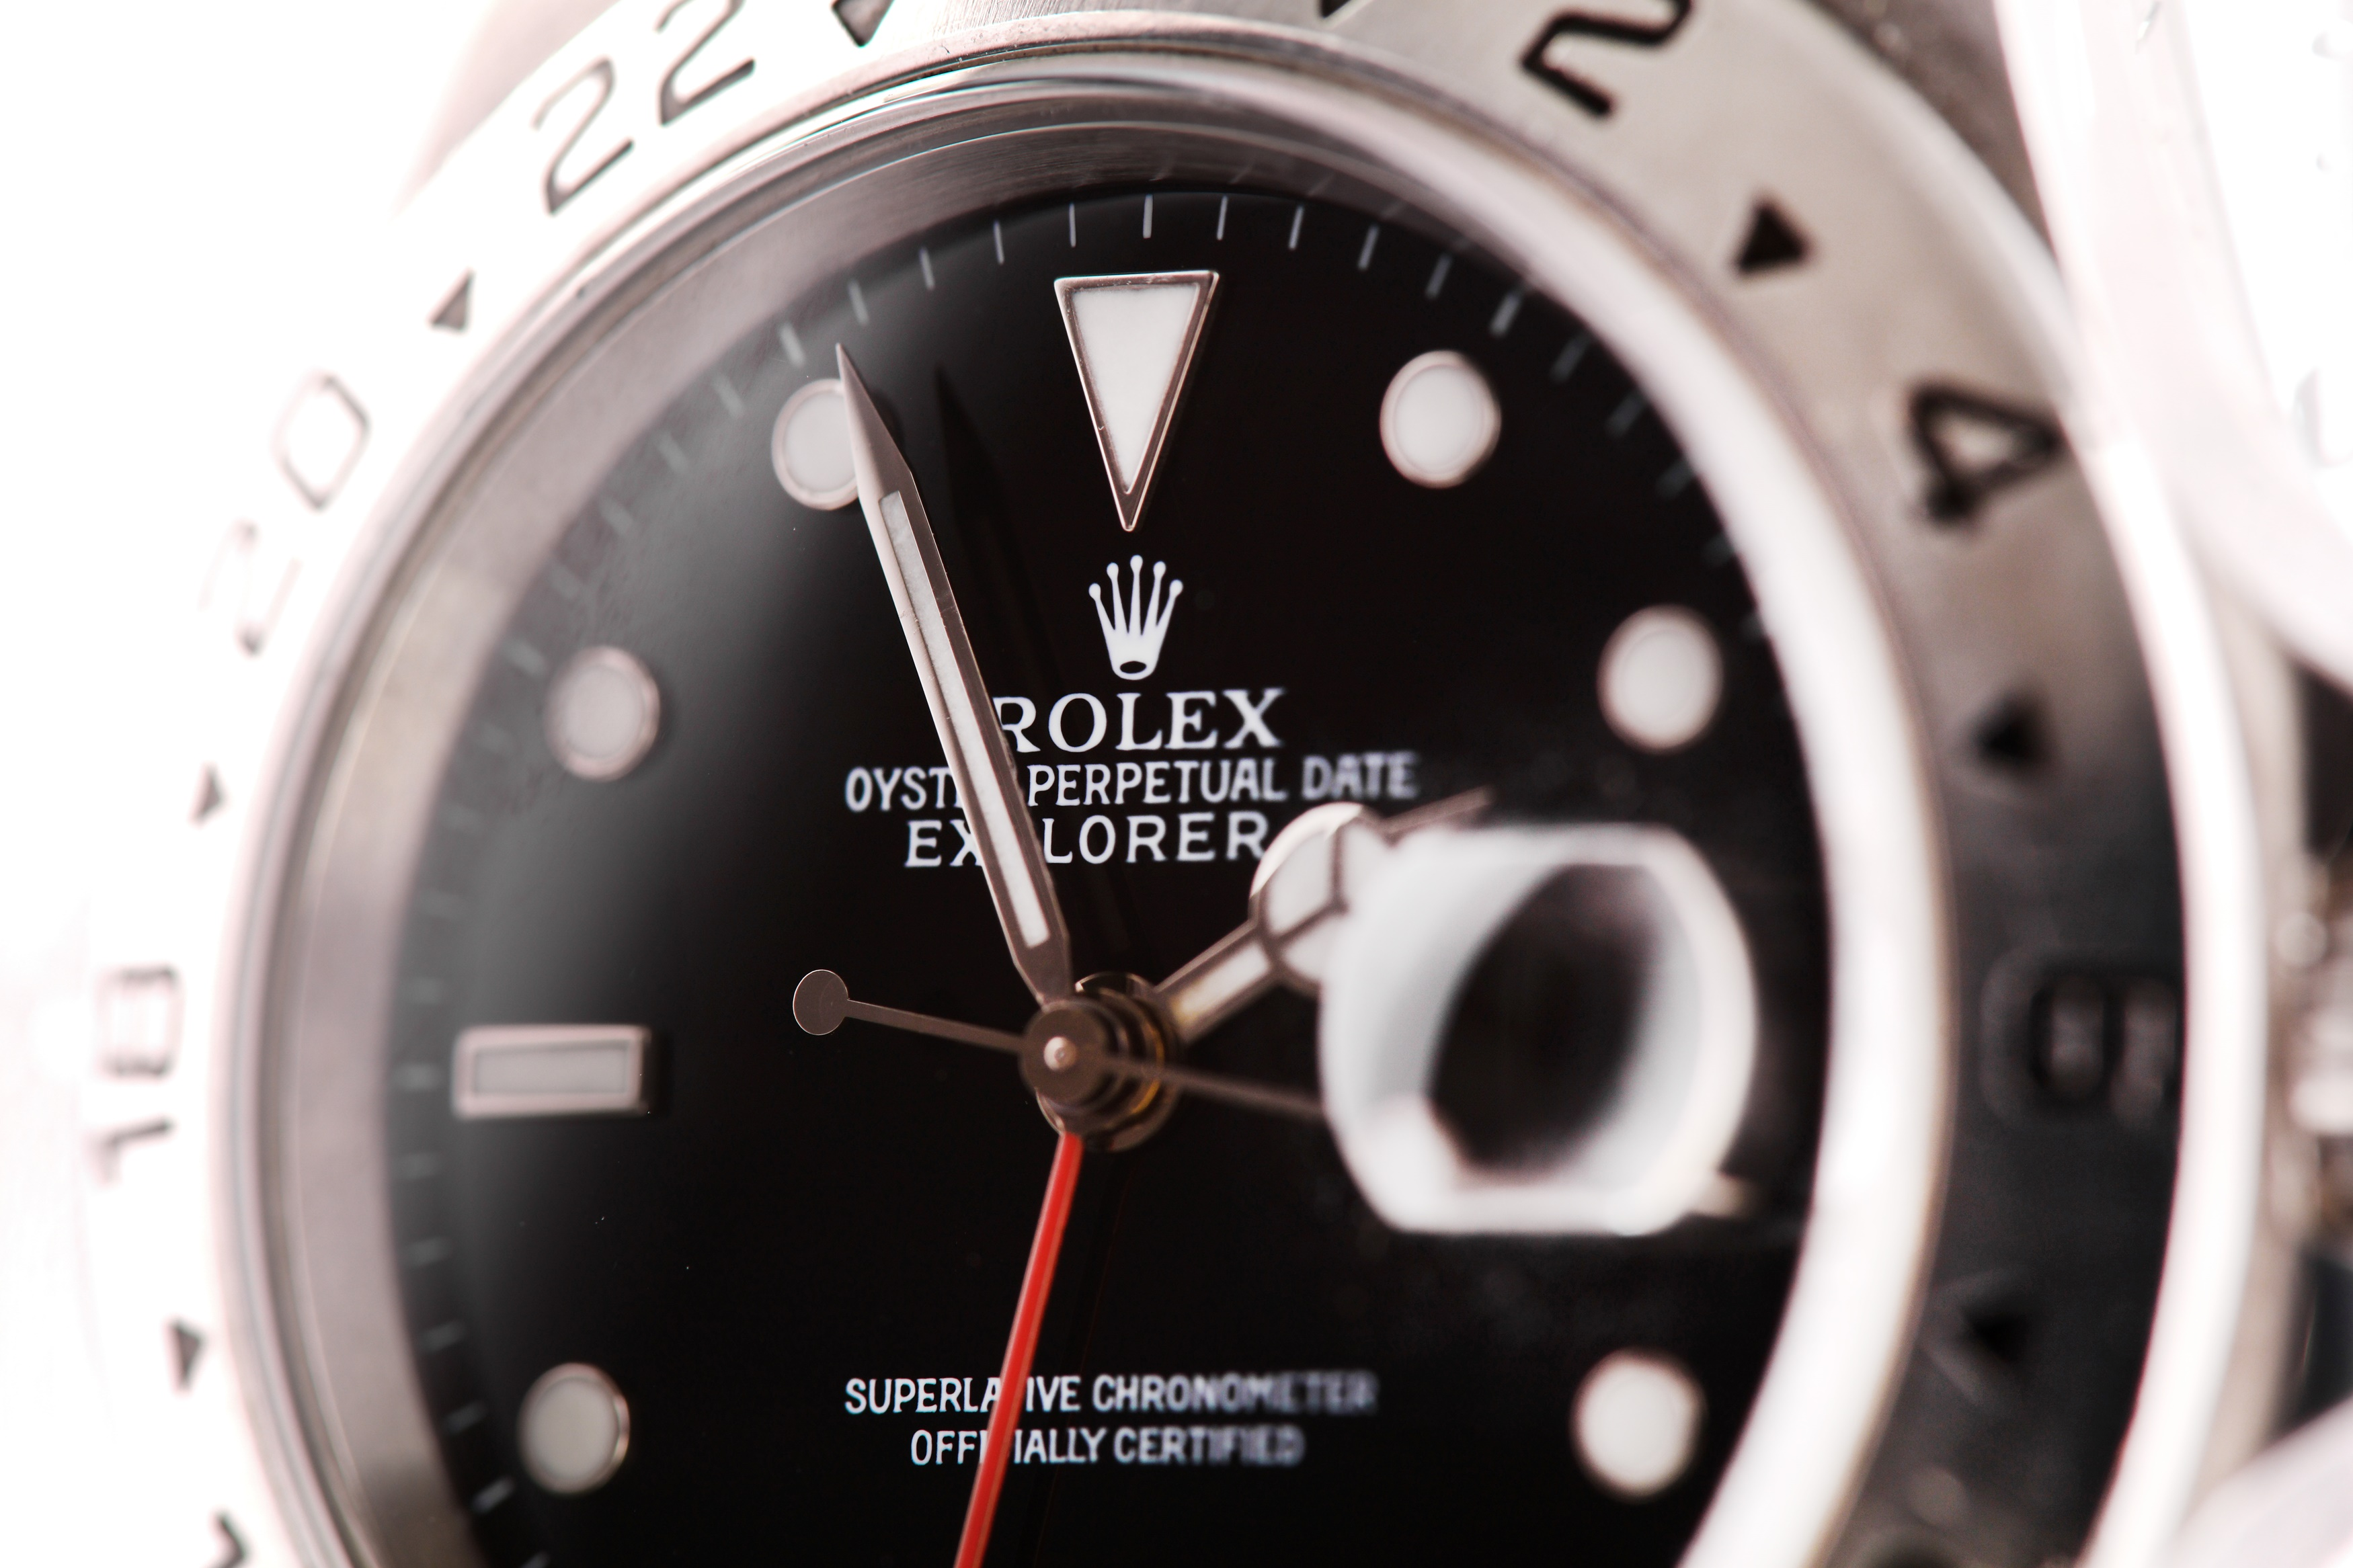 ROLEX - Image 3 of 6